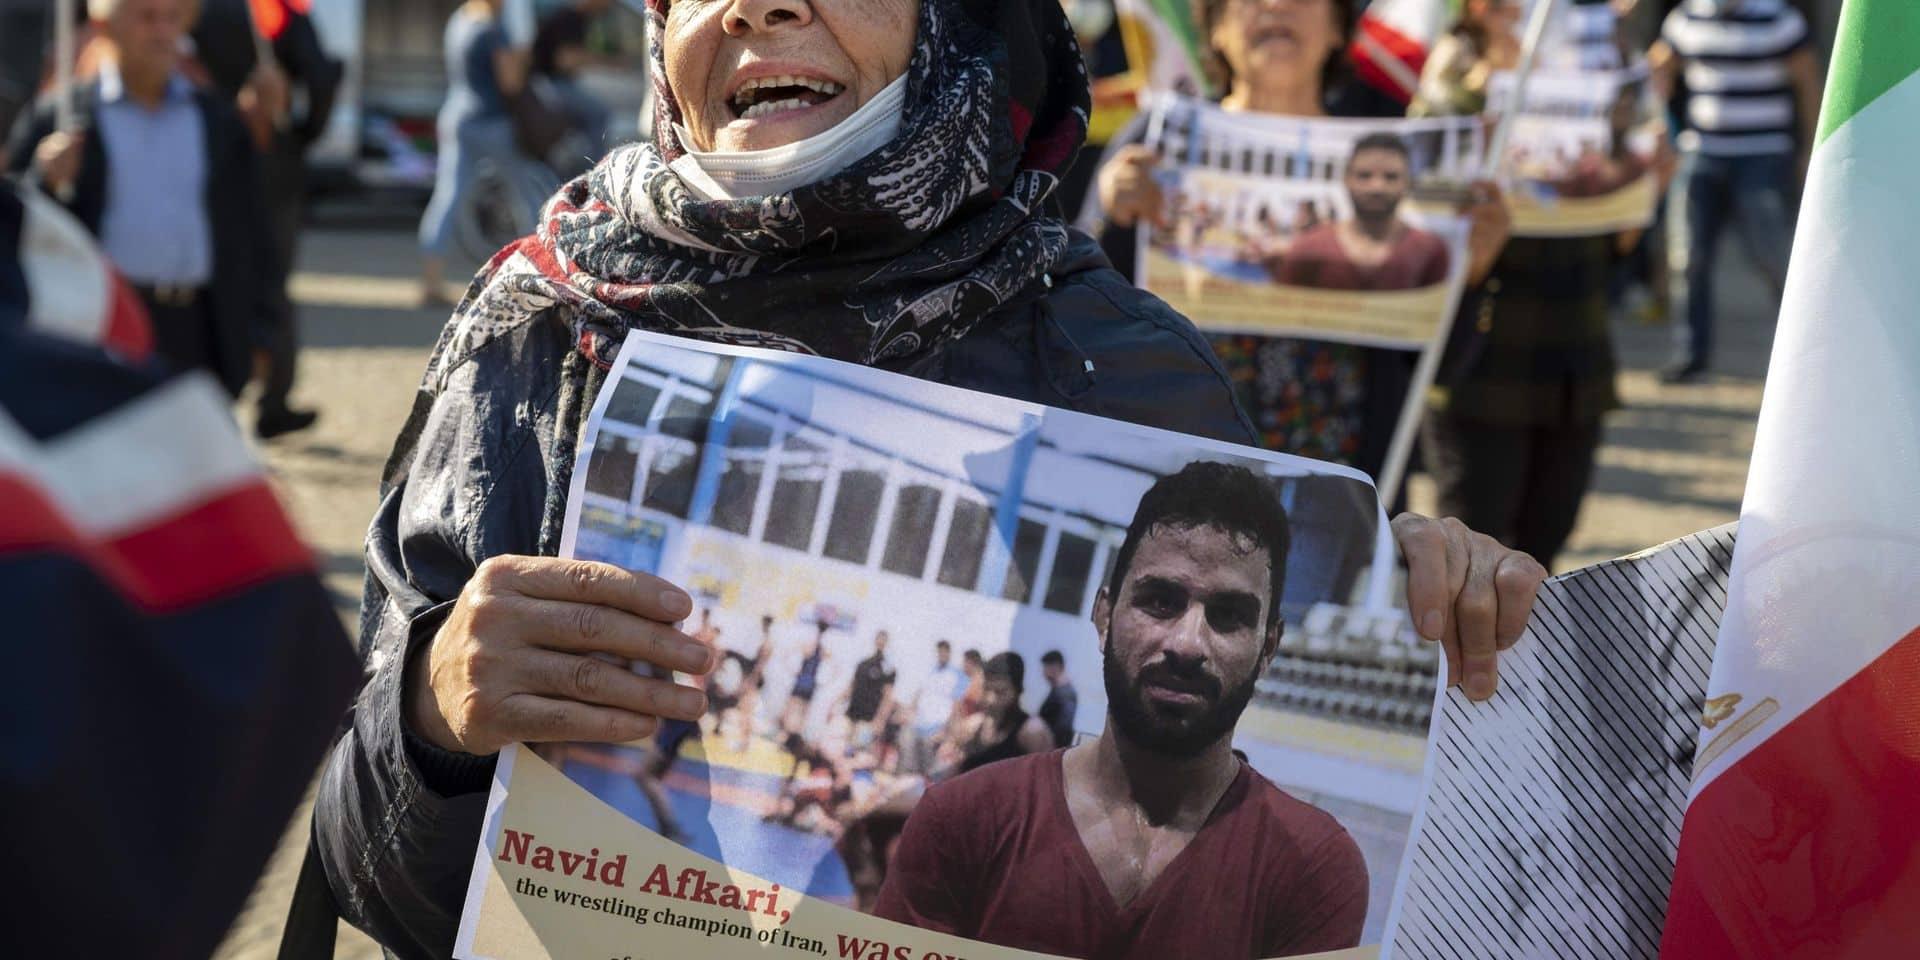 """L'UE condamne """"dans les termes les plus forts"""" l'exécution du lutteur Navid Afkari"""